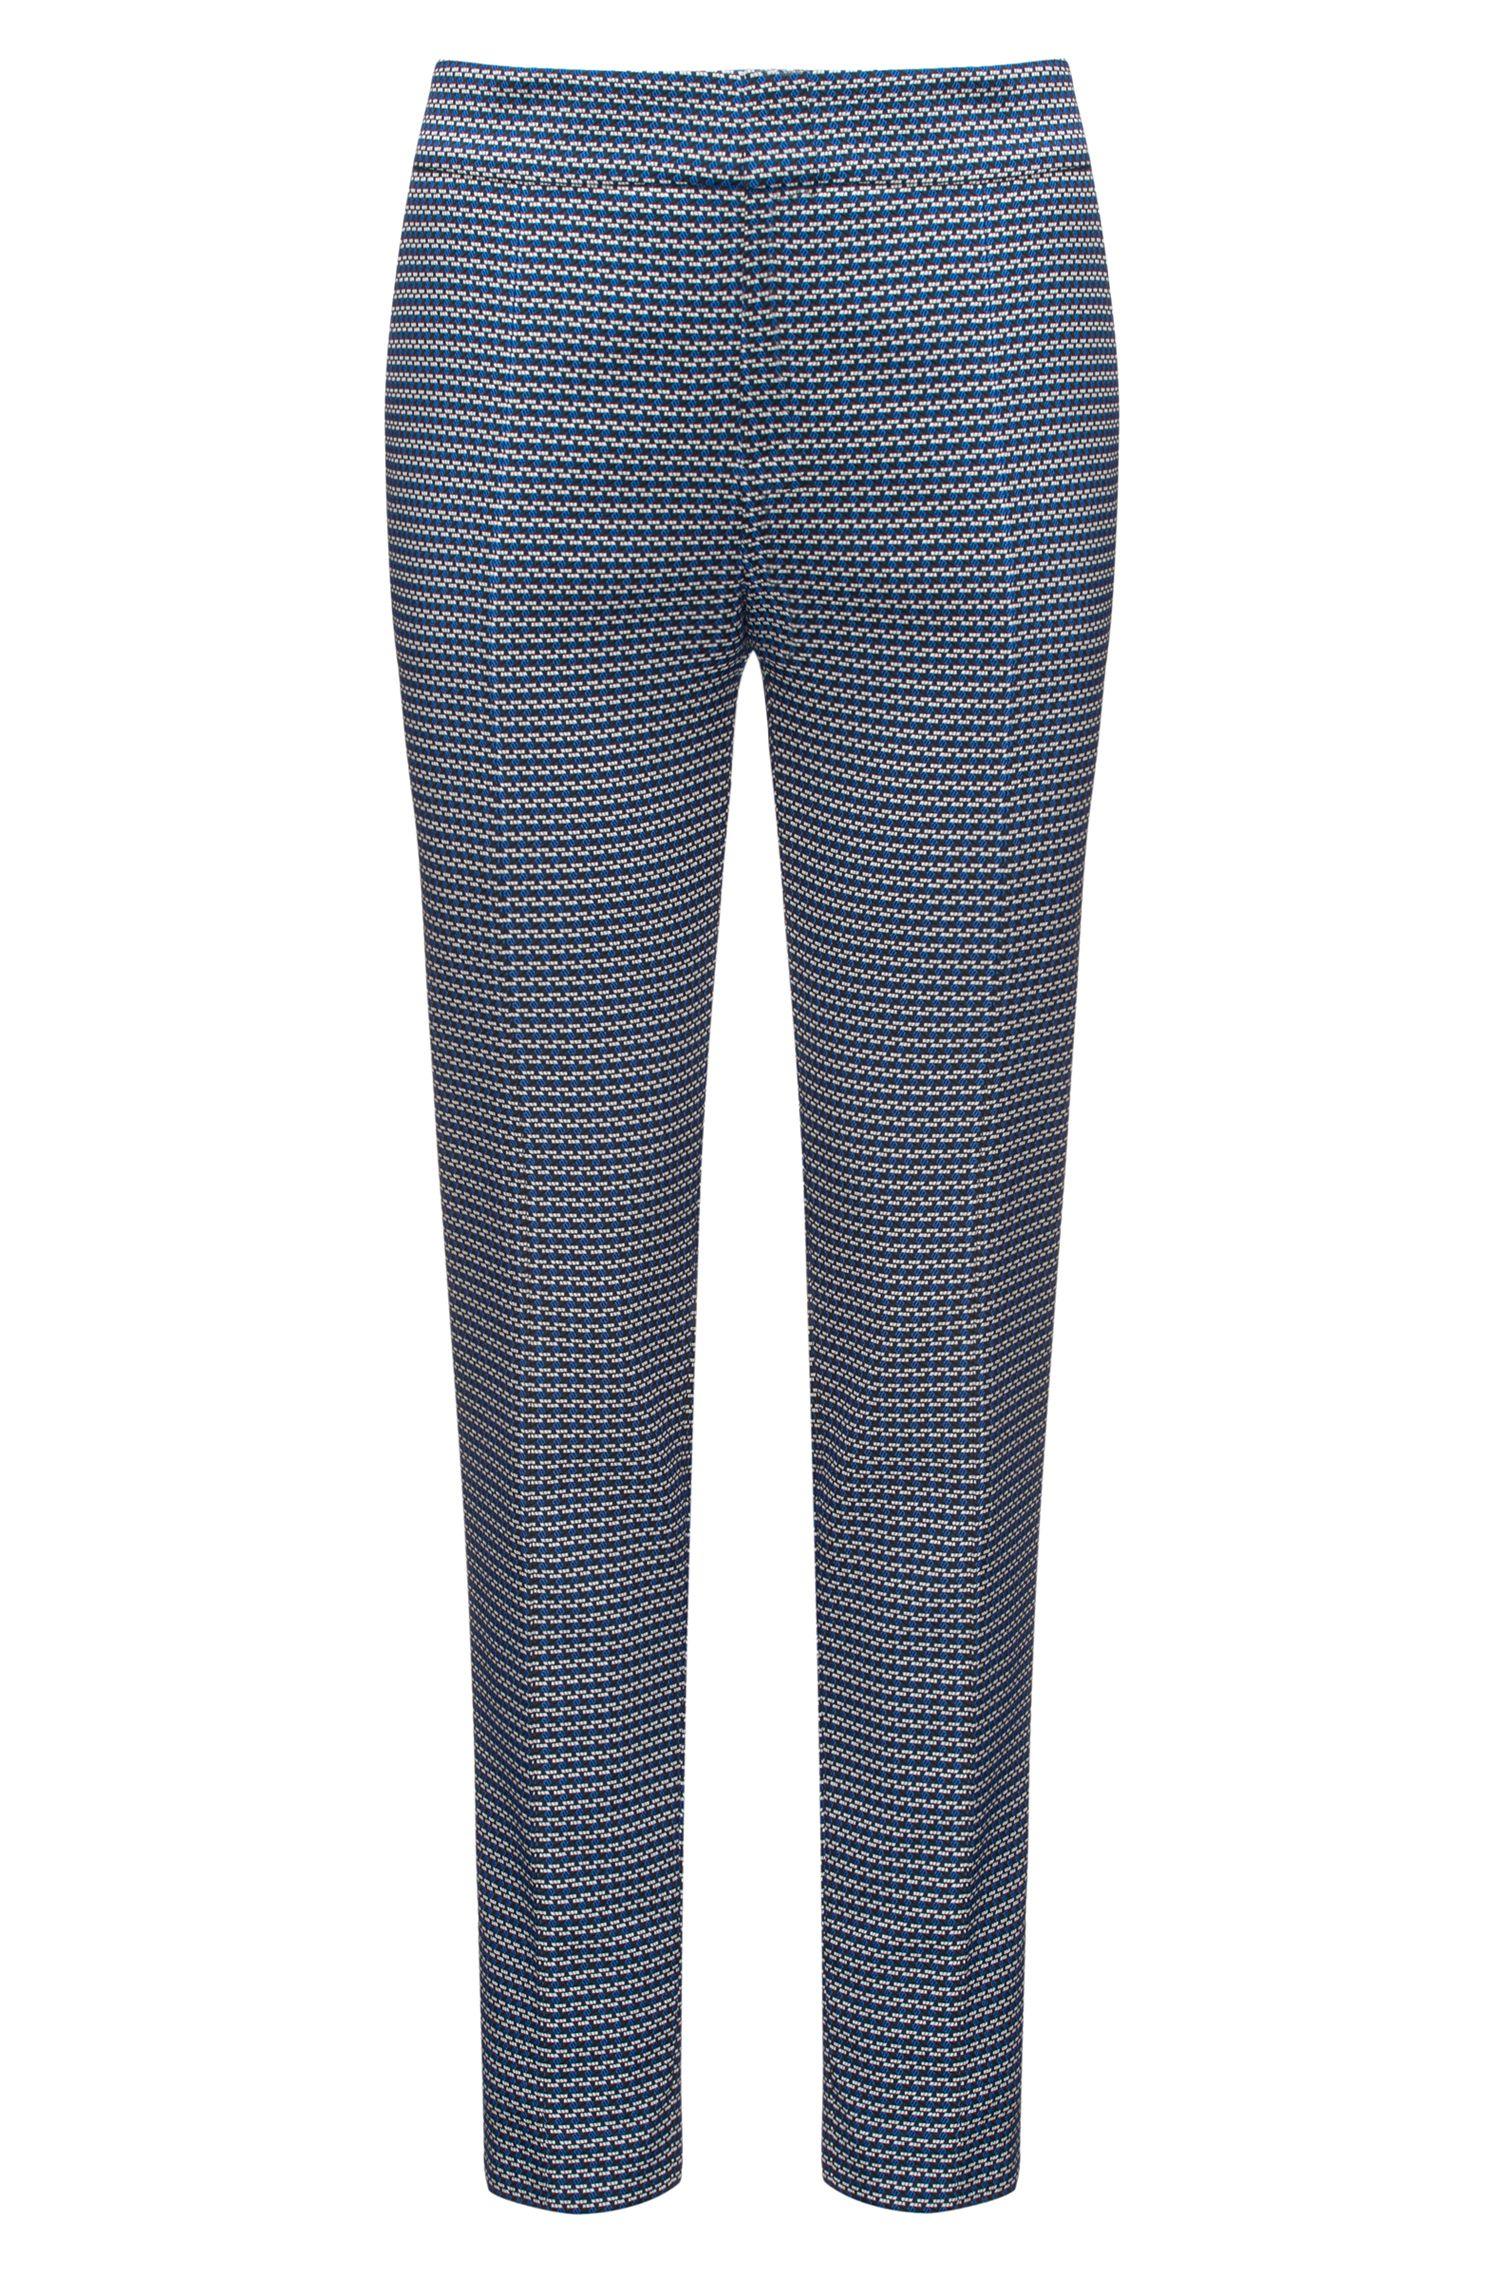 Slim-Fit Jacquard-Hose aus elastischem Baumwoll-Mix in Cropped-Länge